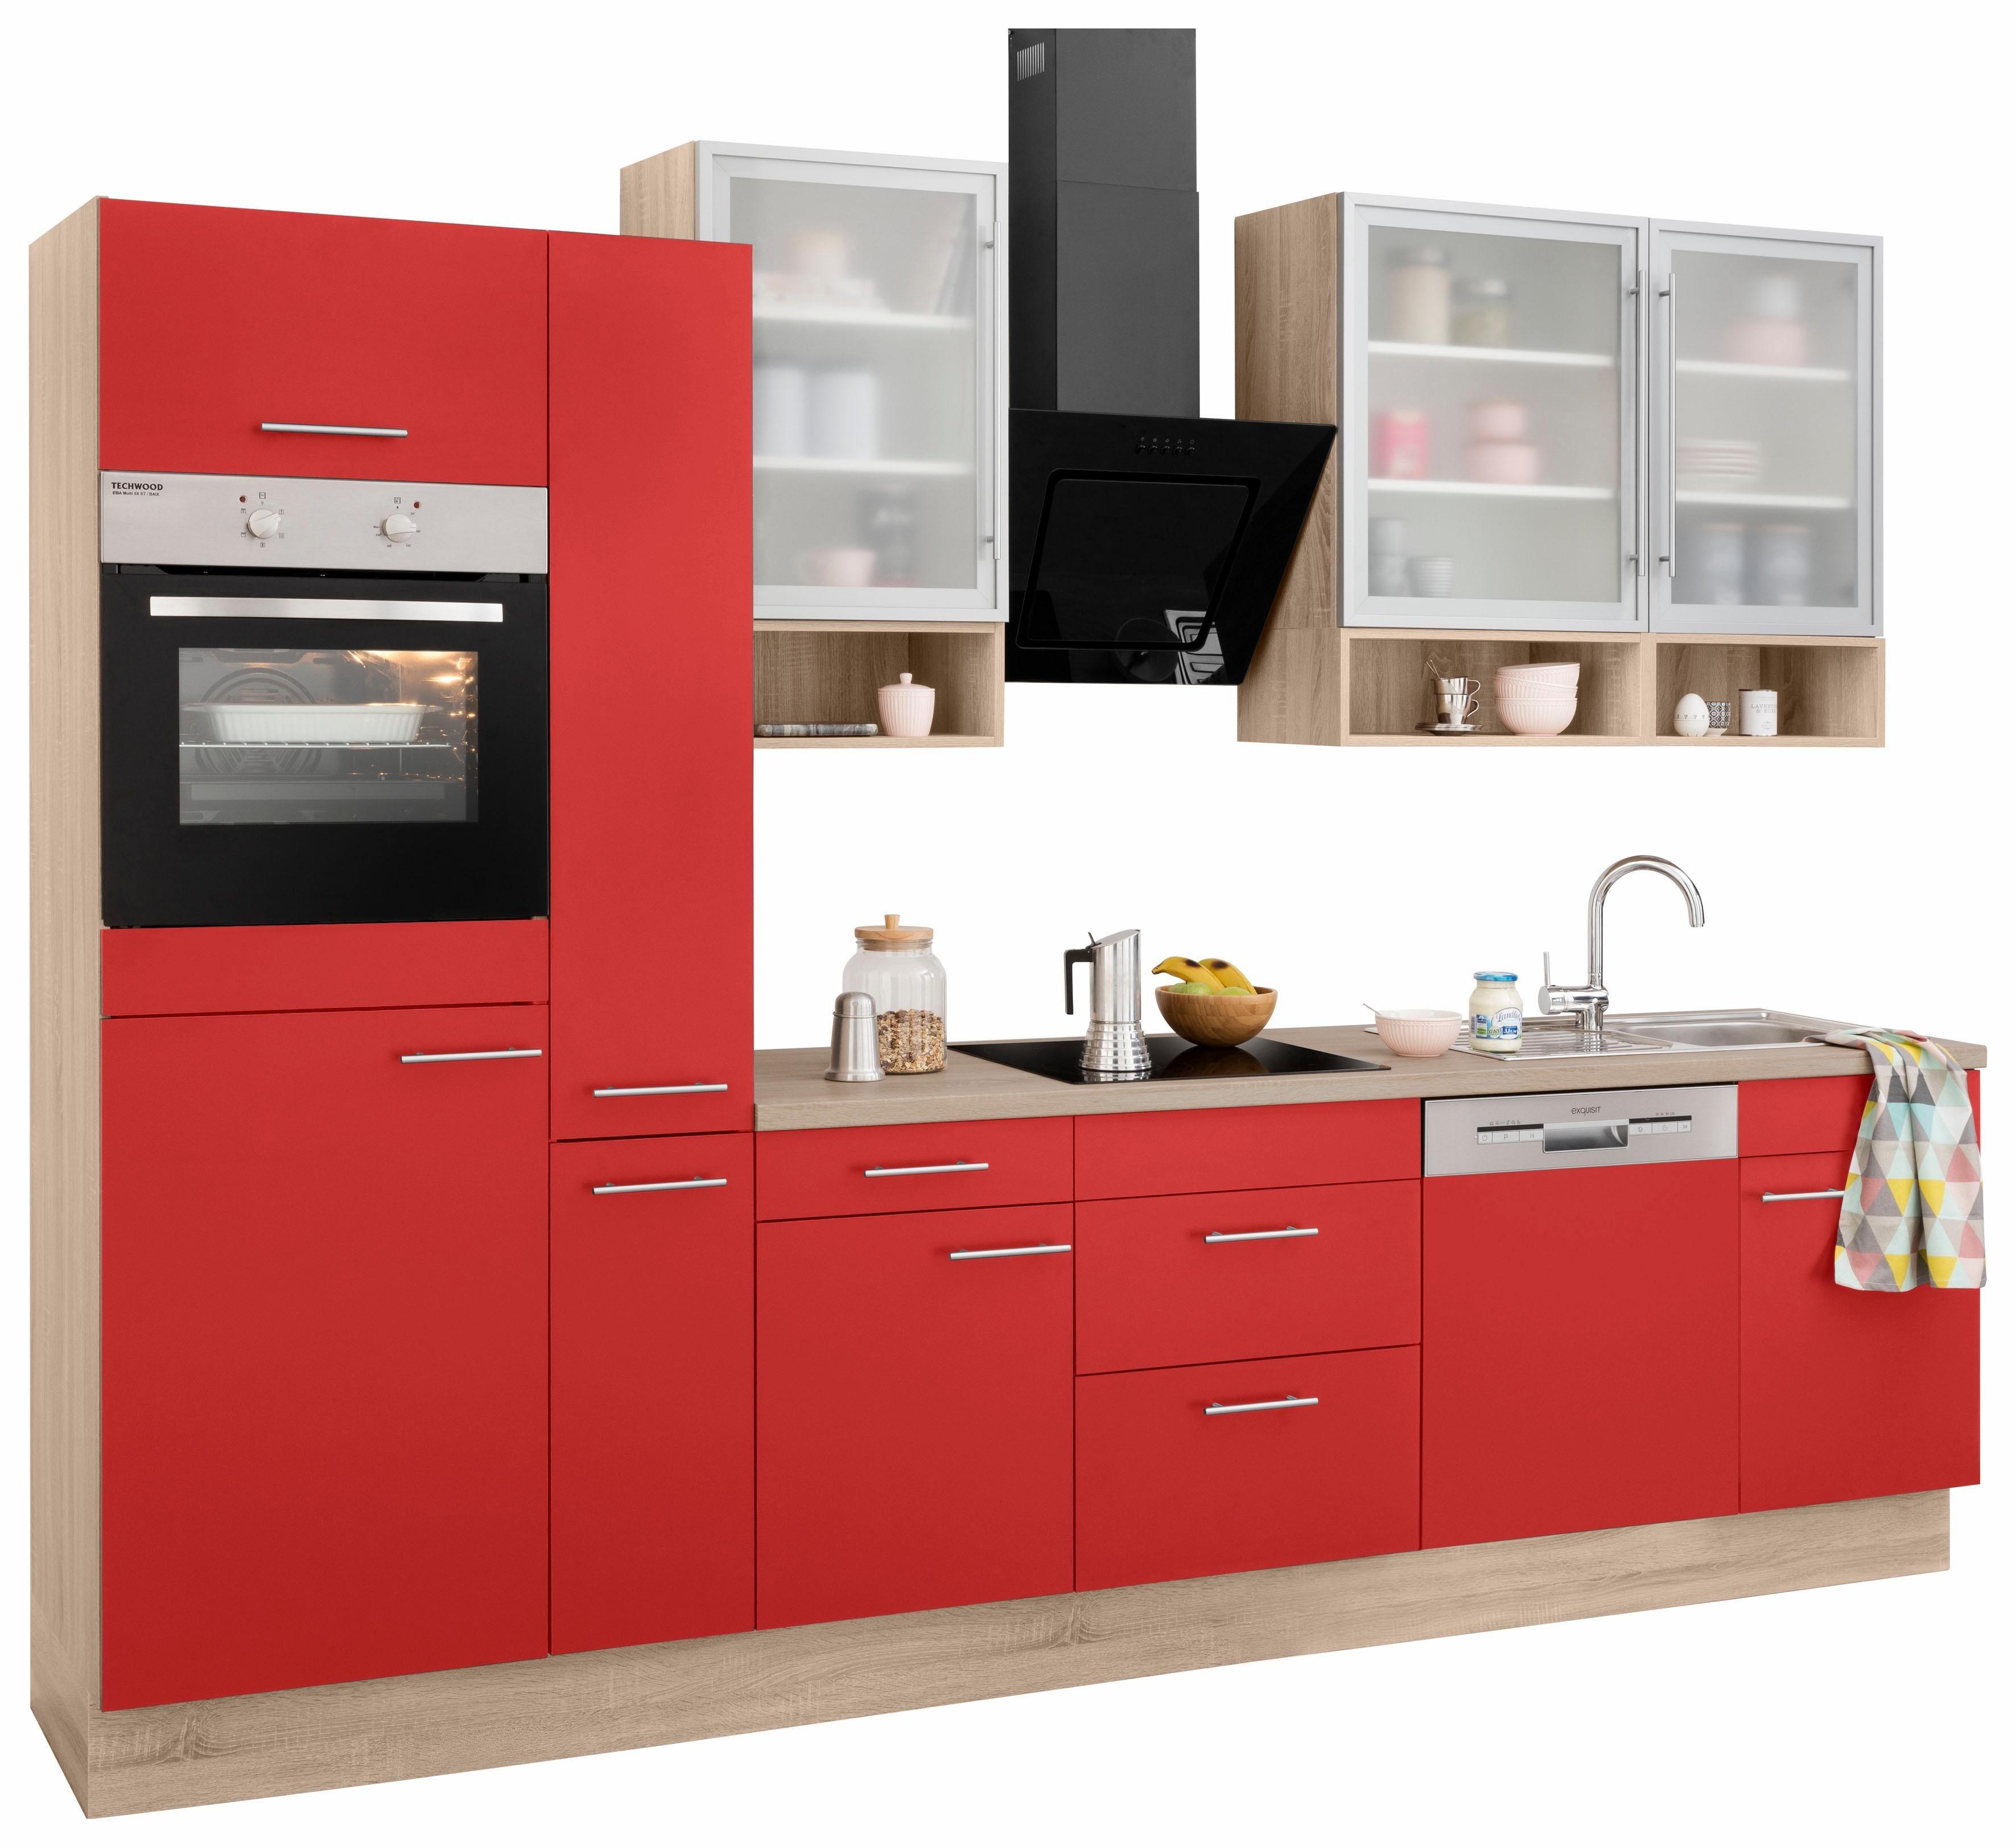 hell-eiche Küchenzeilen online kaufen | Möbel-Suchmaschine ...